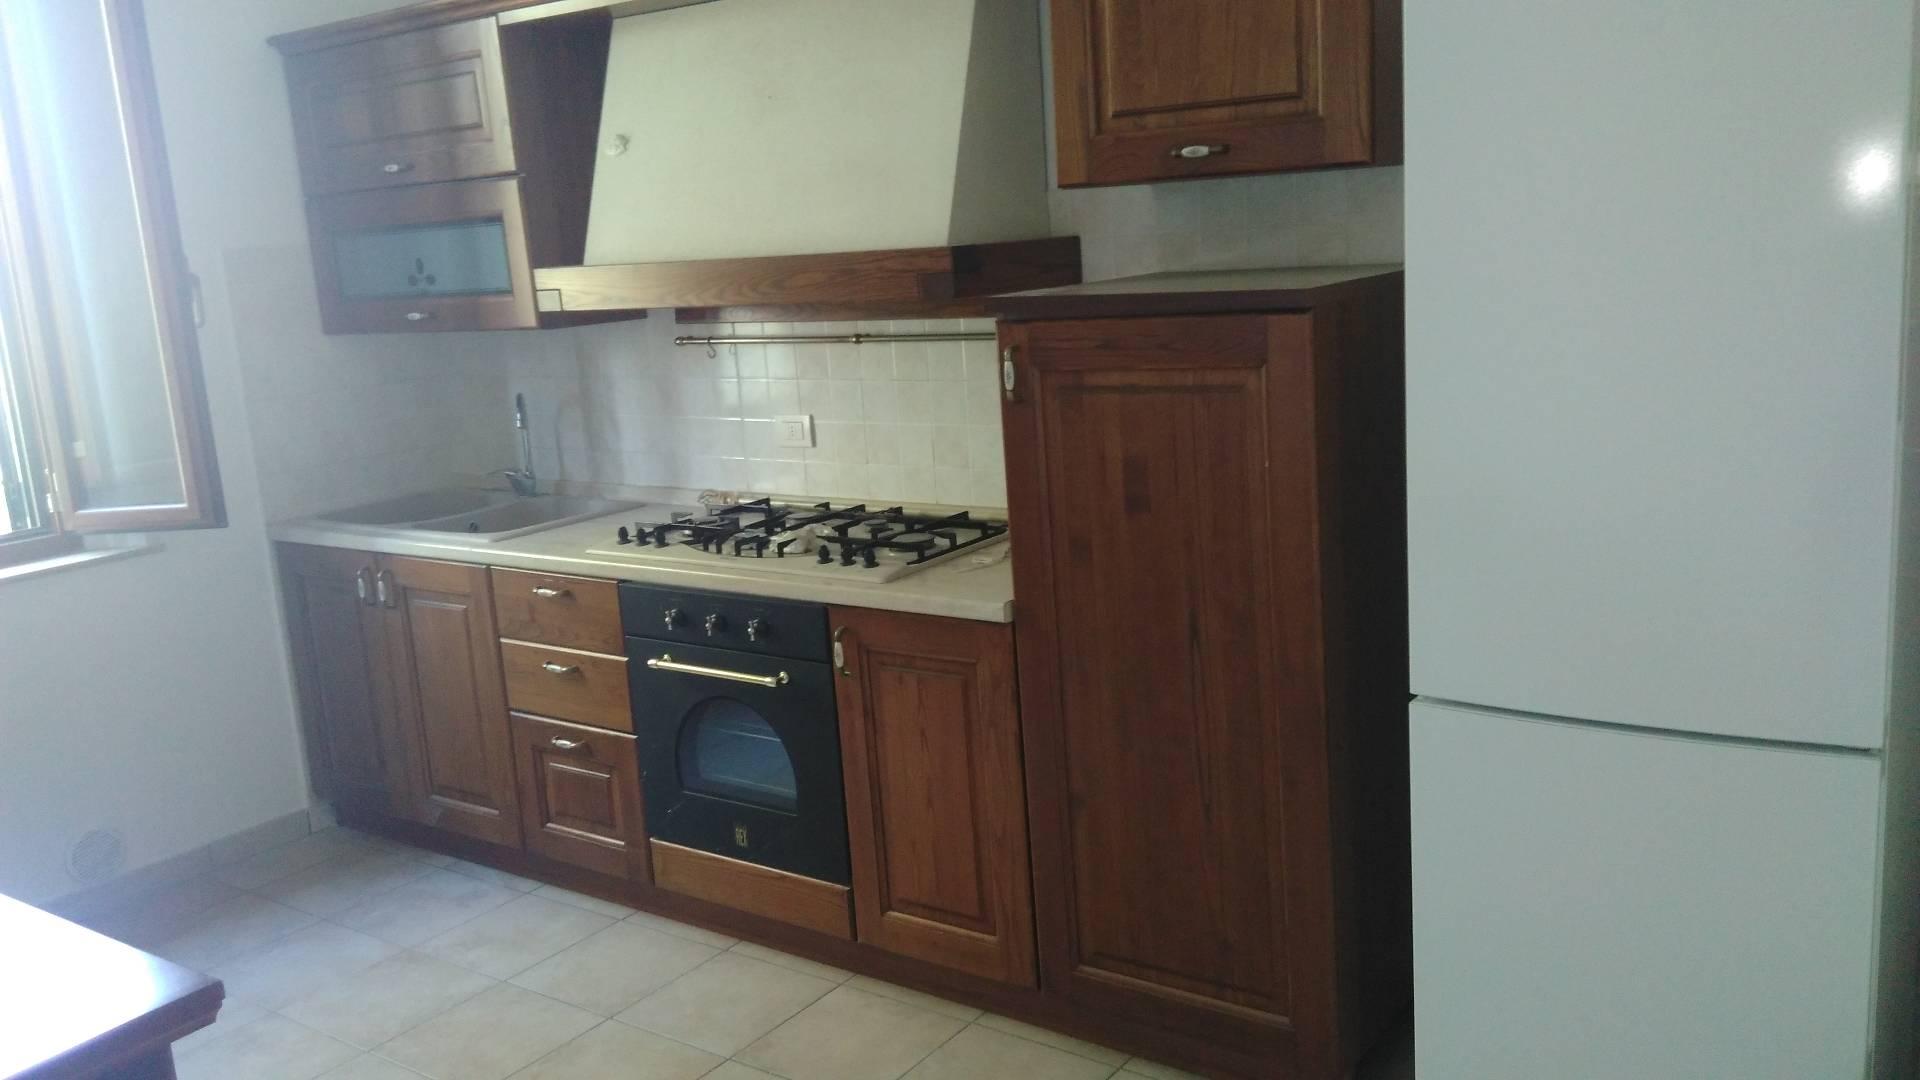 Soluzione Indipendente in affitto a Castelfiorentino, 3 locali, prezzo € 500   CambioCasa.it